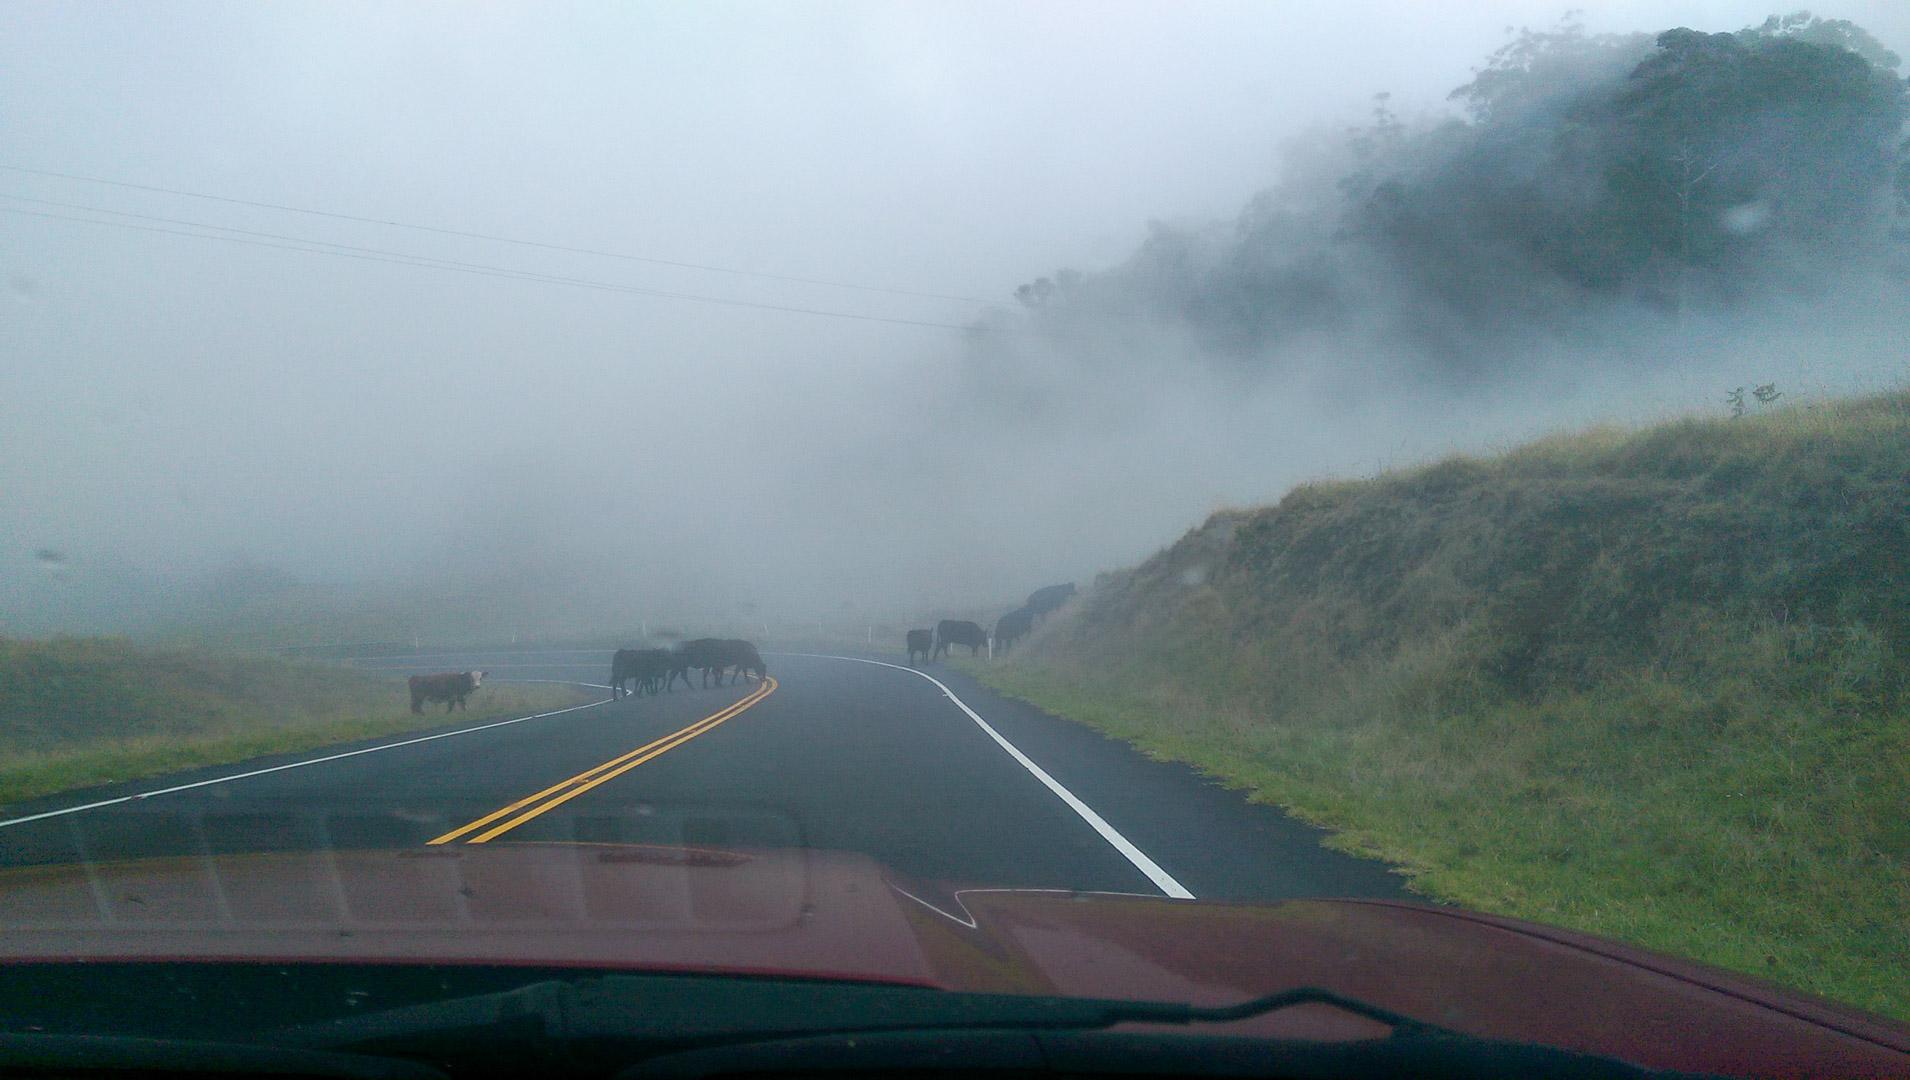 A little cow traffic jam